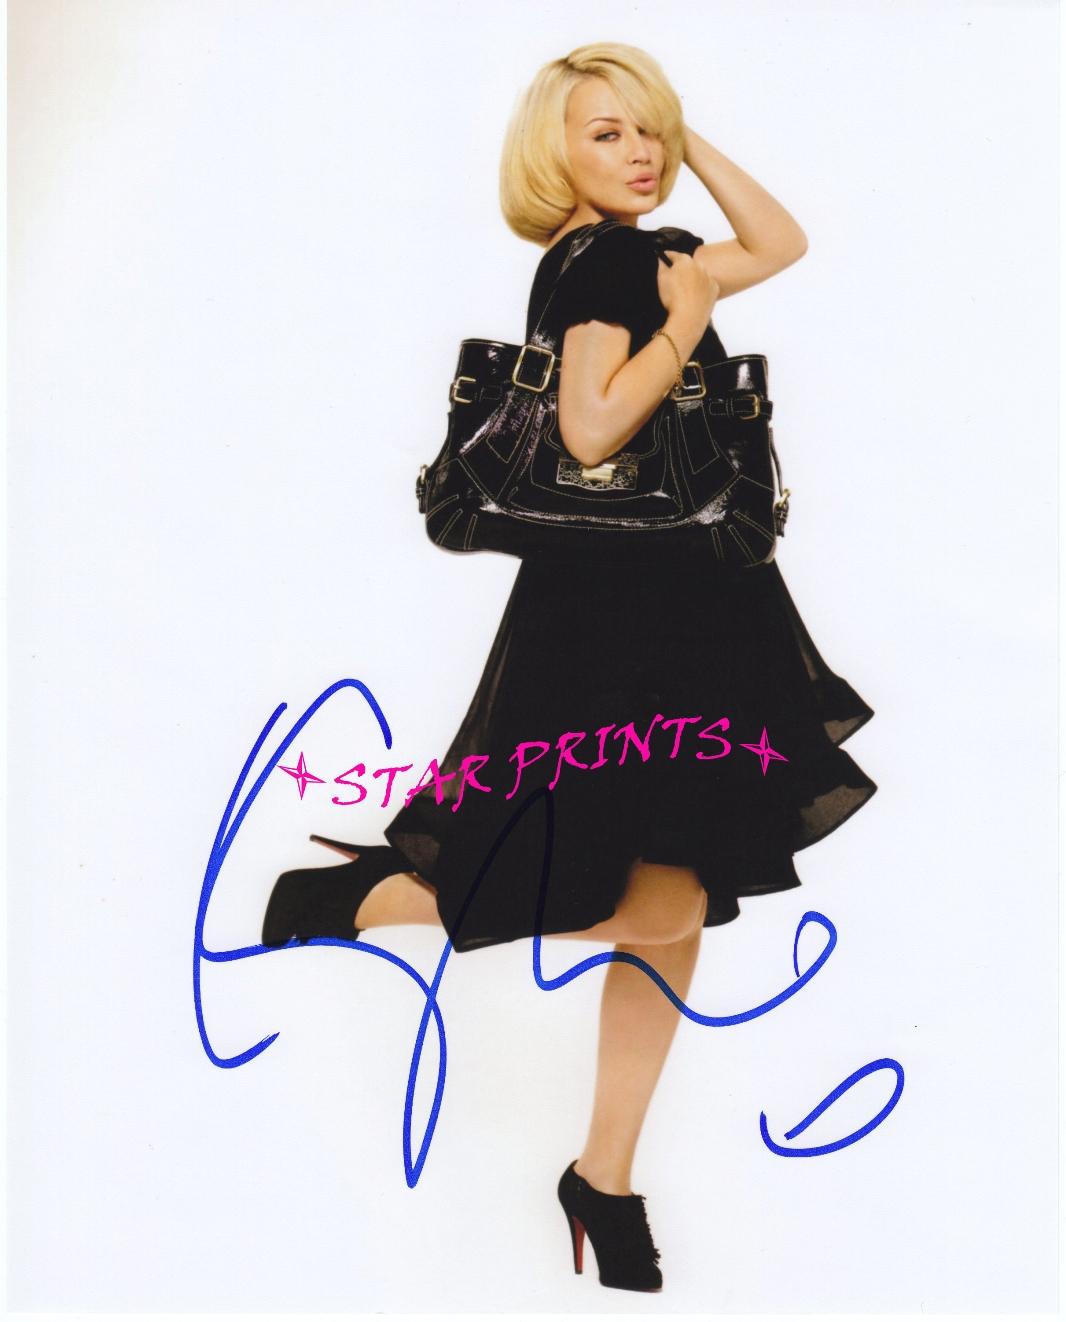 http://4.bp.blogspot.com/_7Jc7ZZC_PyM/TTSZUbnt5PI/AAAAAAAAAYg/_MizkEqmMas/s1600/Kylie+Minogue+2009+copy.jpg